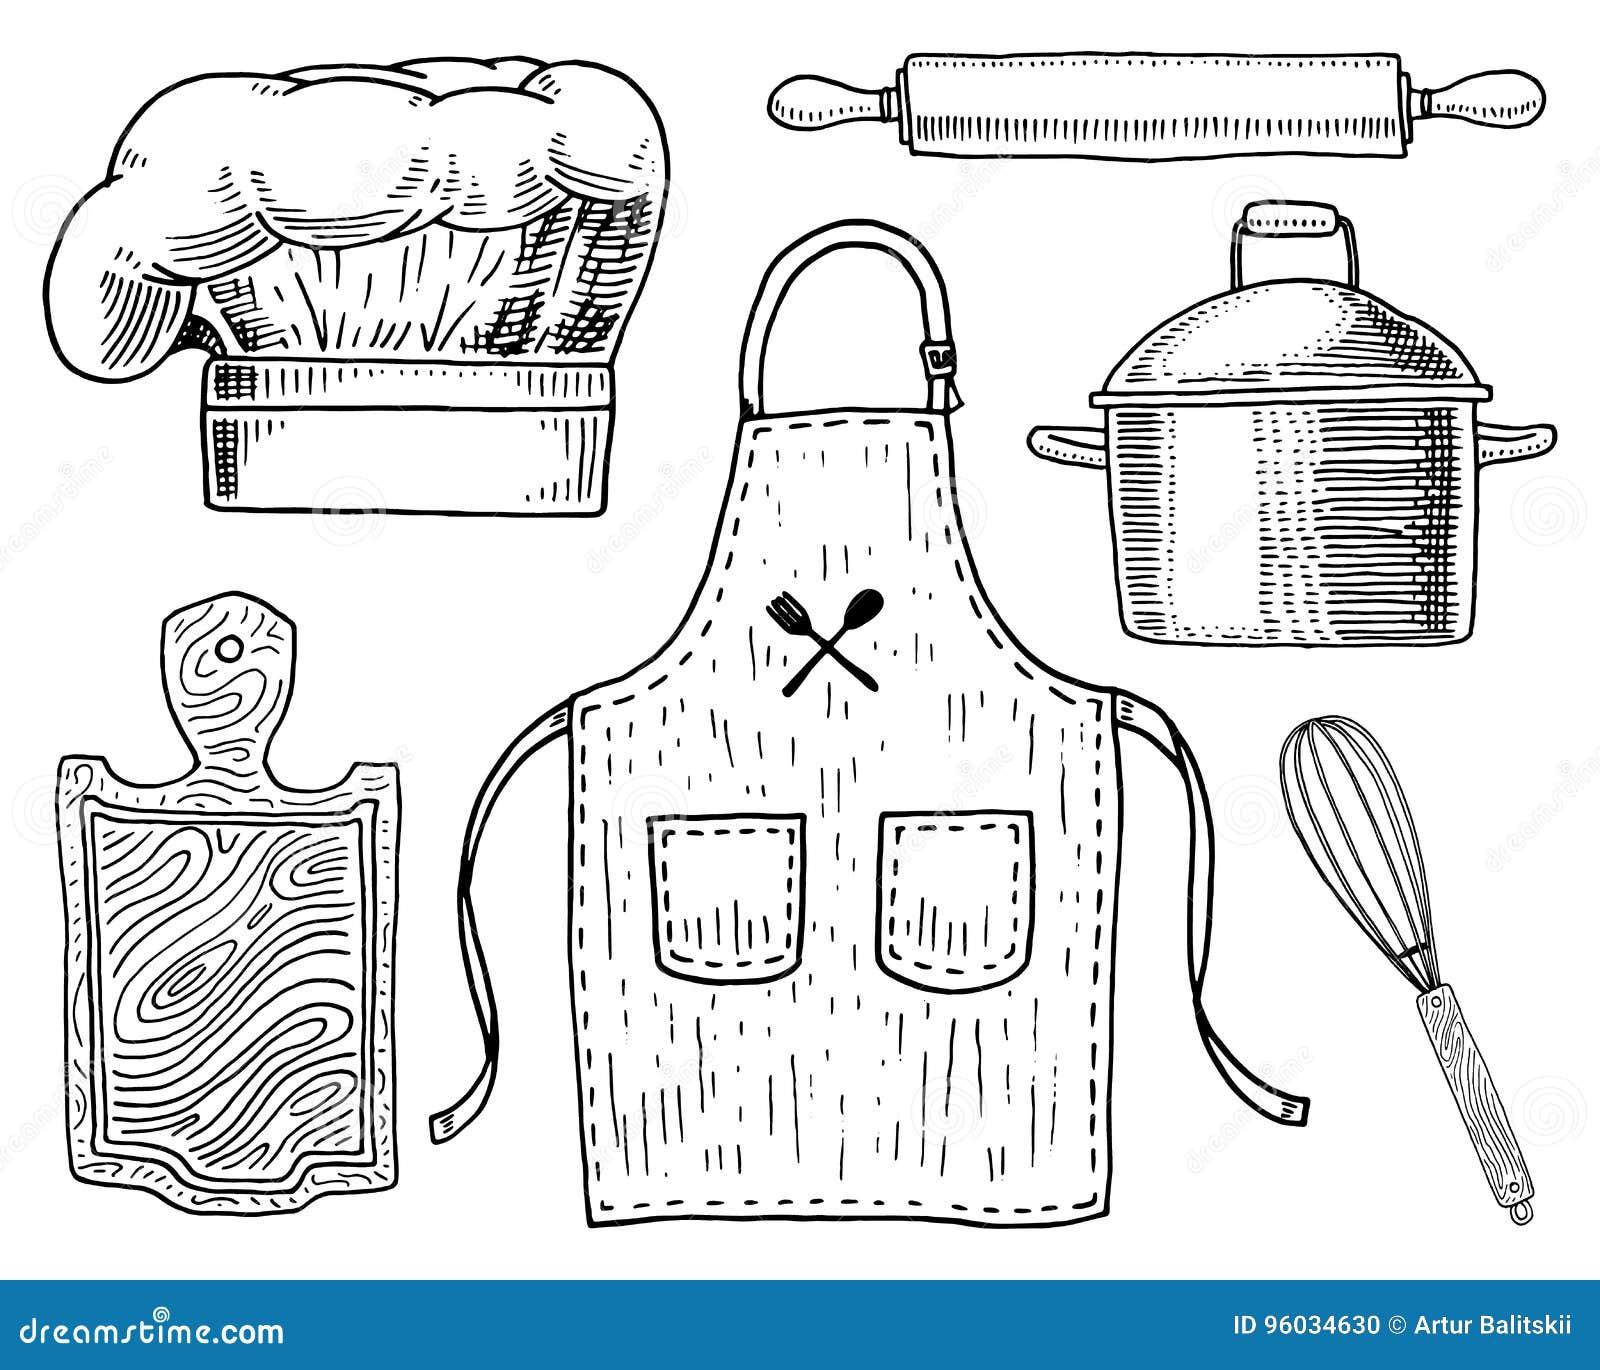 Fartuch, pinaphora, kapiszon, toczna szpilka, rondel lub deska, koronowa, drewniana, Szefa kuchni i kuchni naczynia, gotuje mater